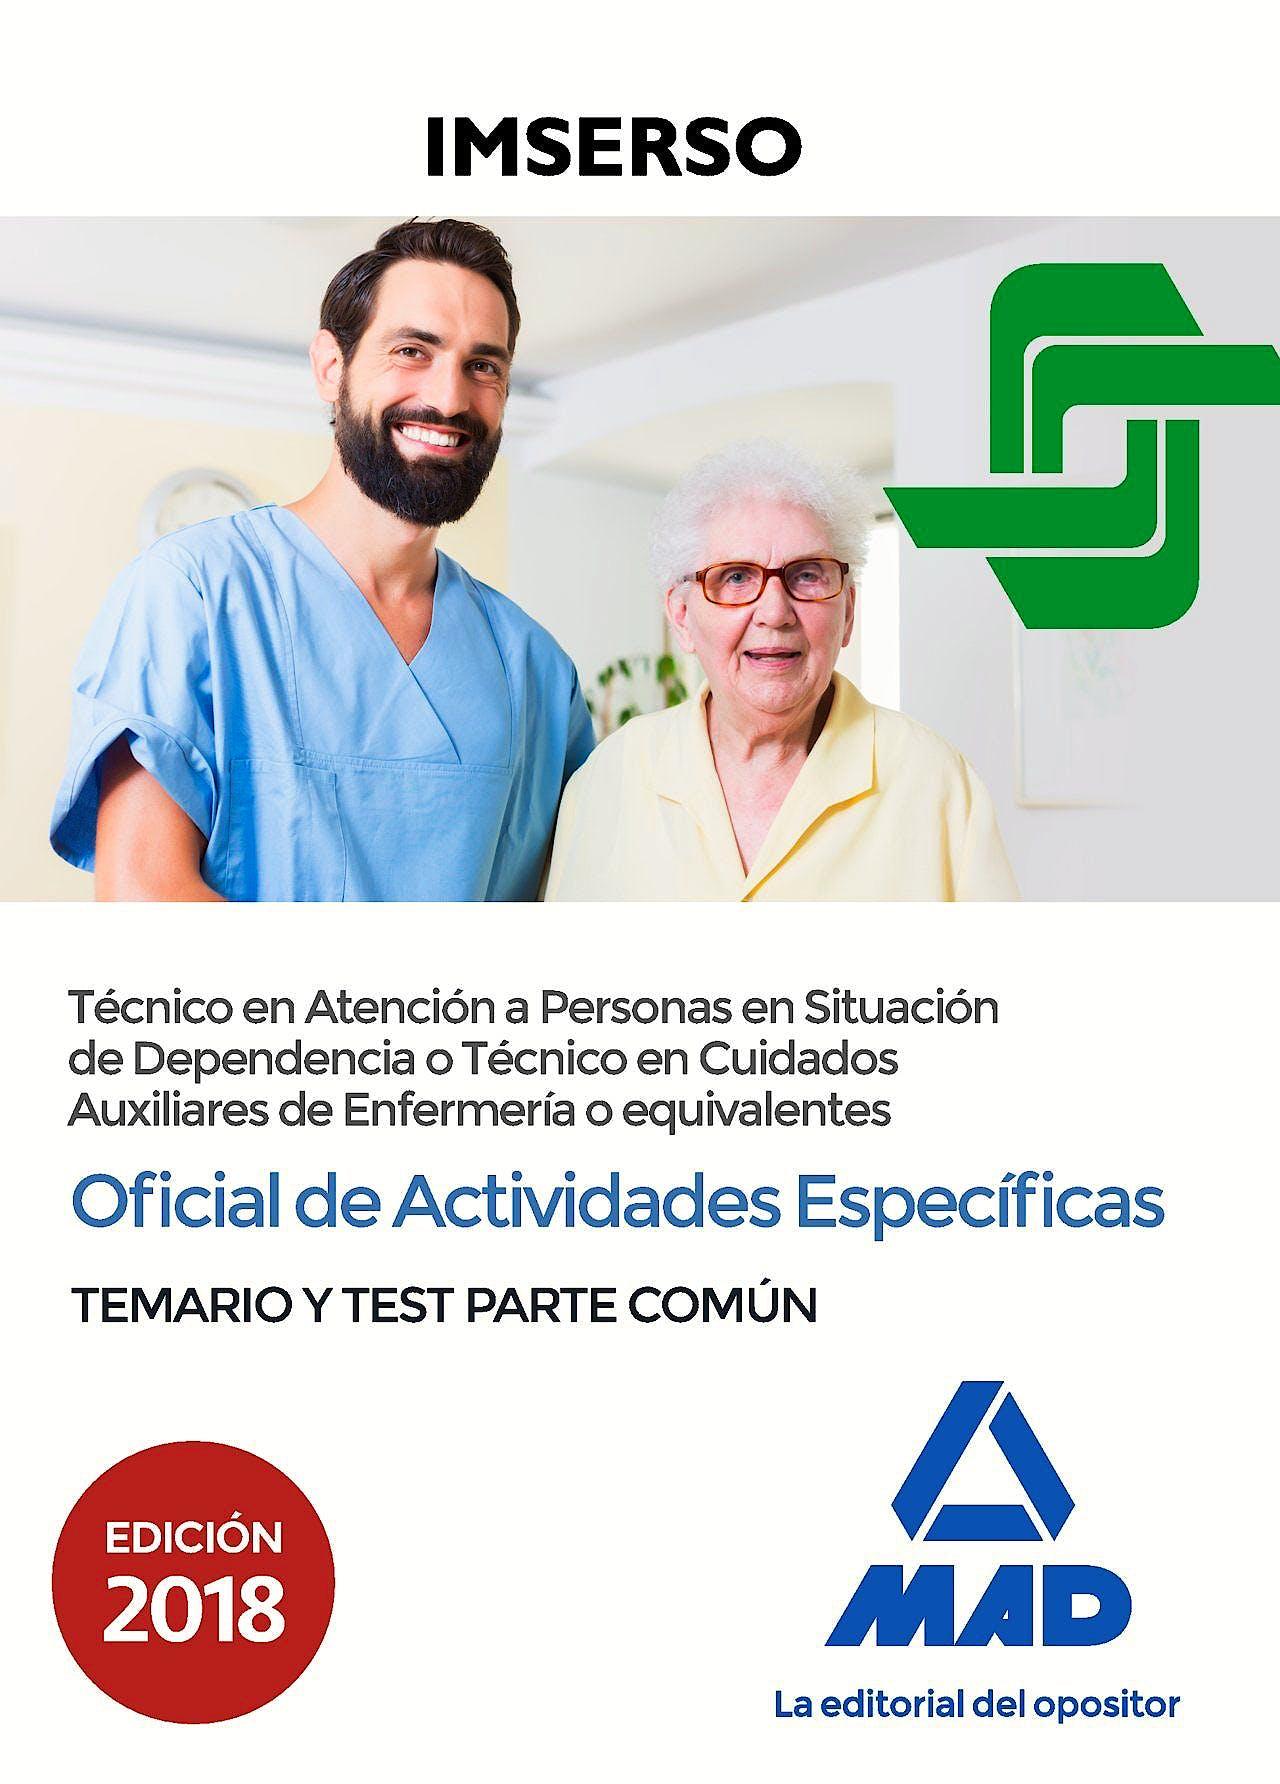 Portada del libro 9788414219058 Oficial de Actividades Específicas IMSERSO (Técnico Personas en Situación de Dependencia, Auxiliares de Enfermería). Temario y Test Parte Común